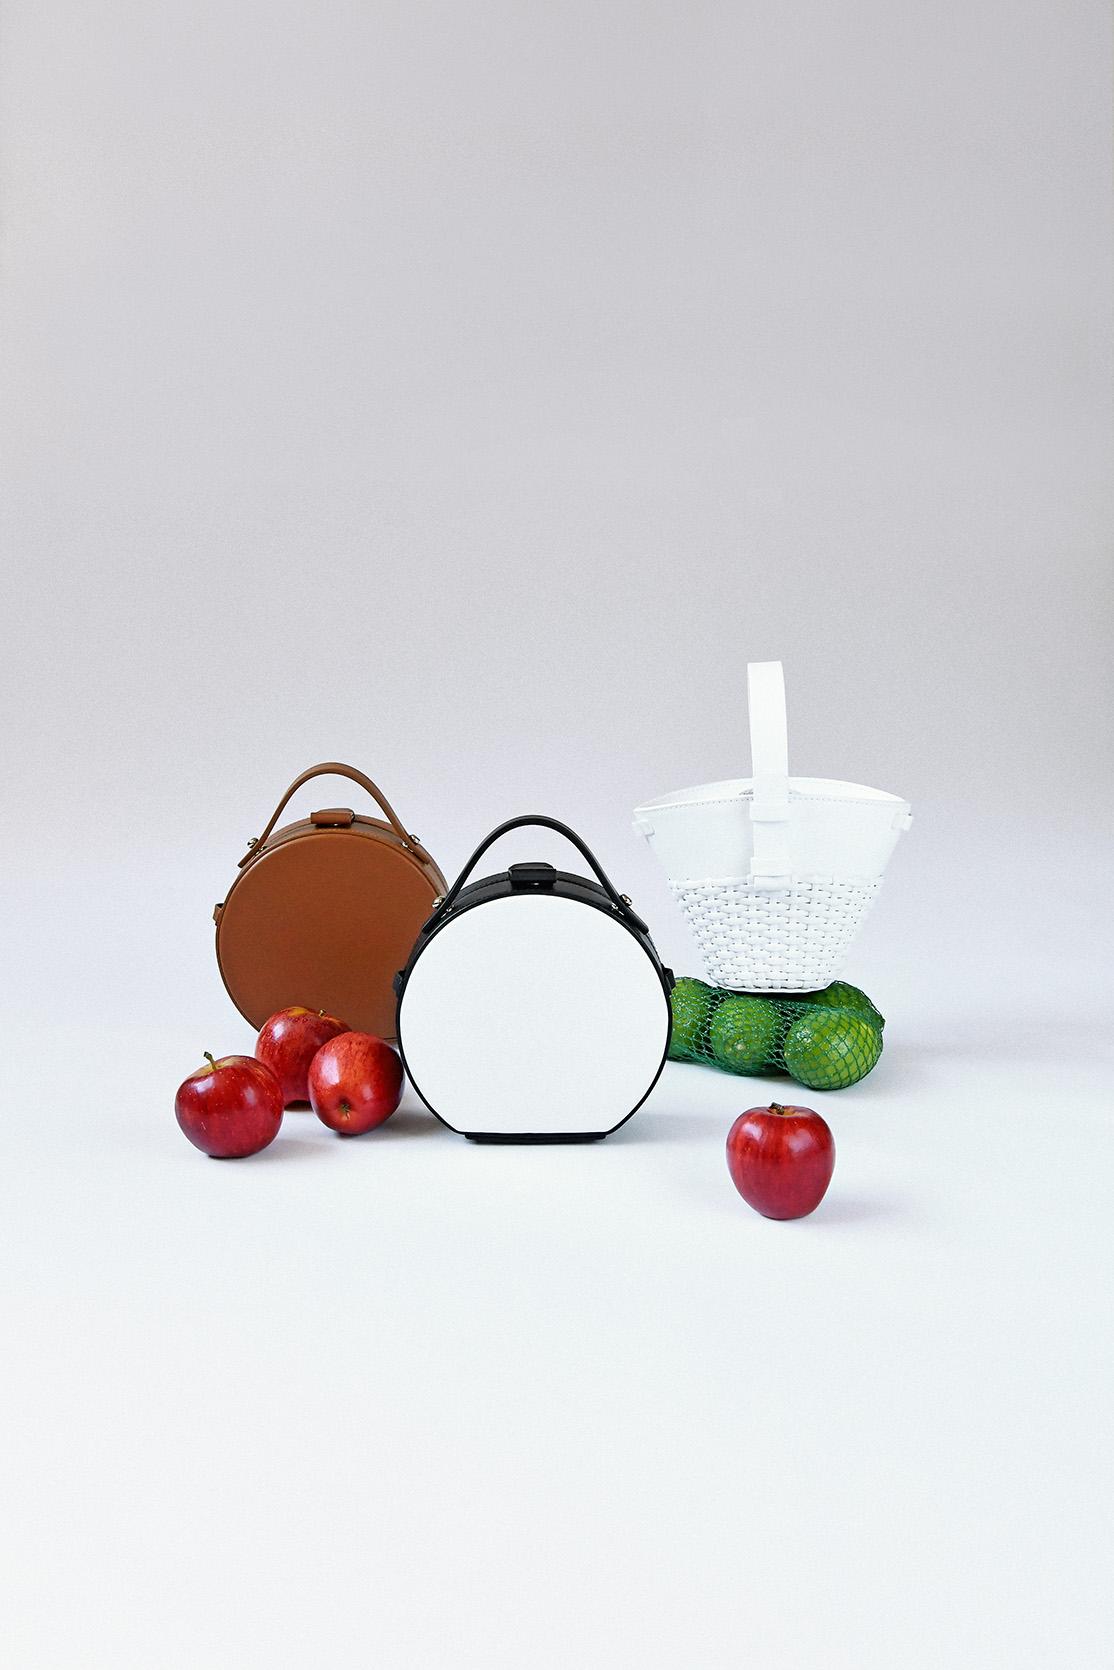 ARTIFACTS 獨家 !!  左/ NICO GIANI mini Tunilla circle bag  , 中/ NICO GIANI mini Tunilla Circle bag  , 右/ NICO GIANI Nelia mini bucket bag